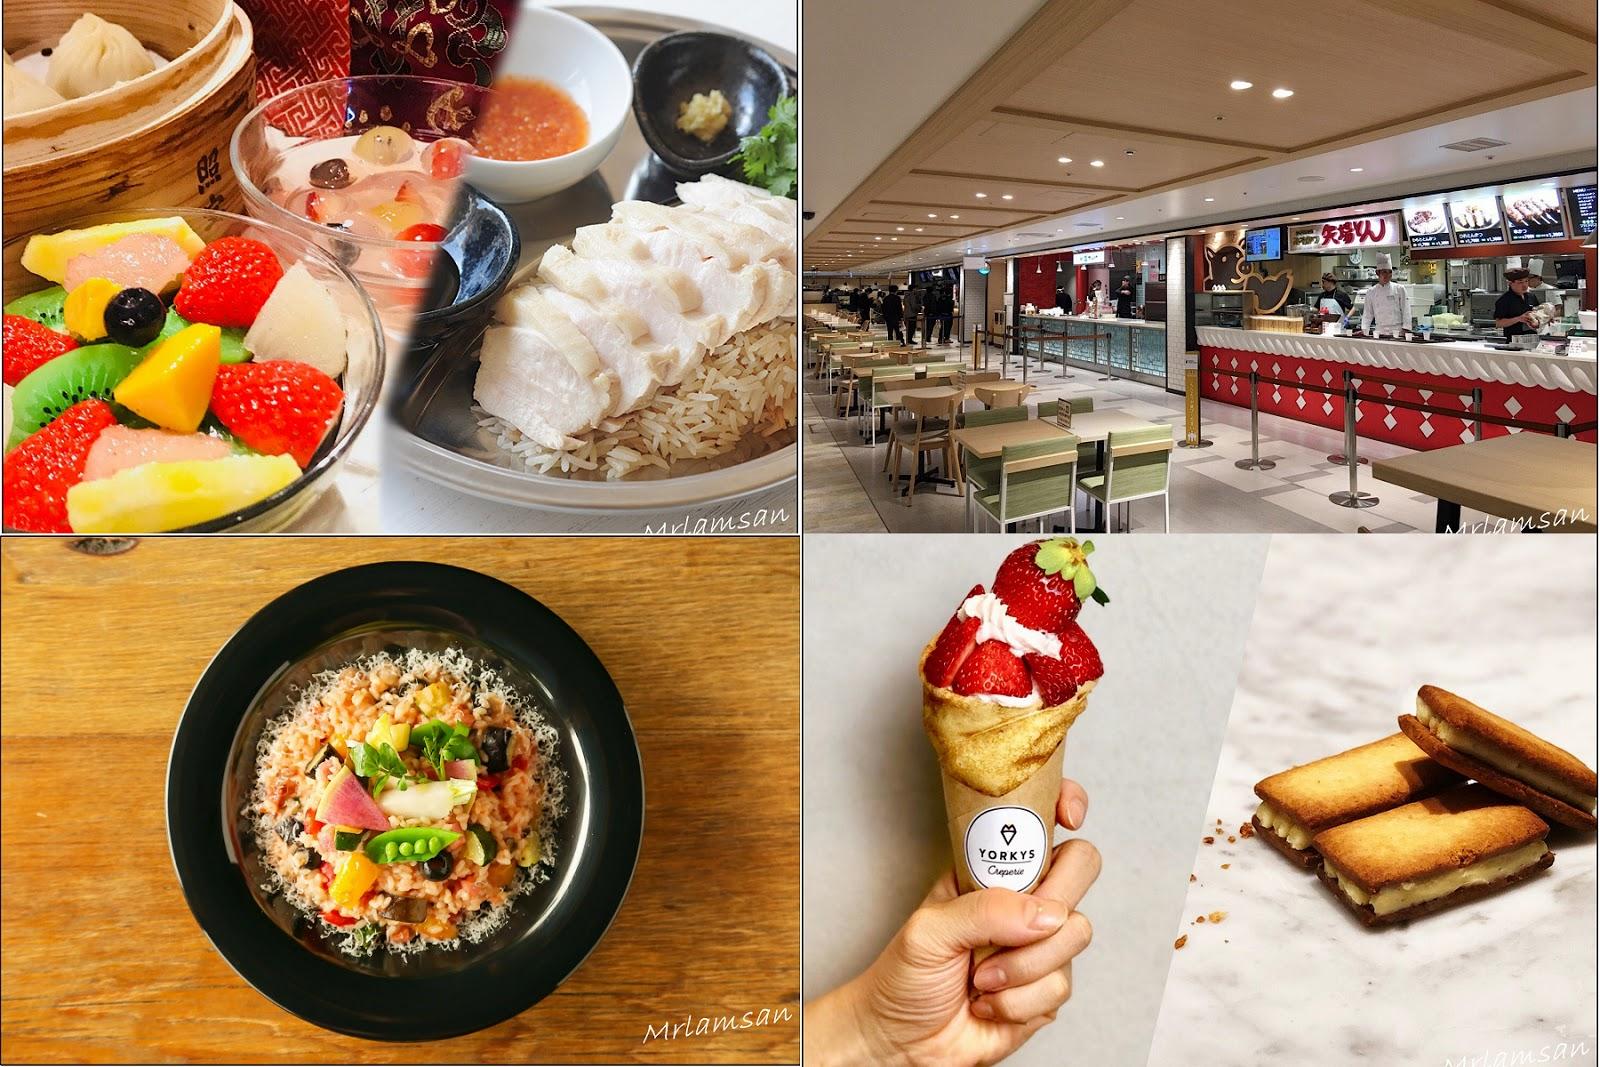 大阪梅田阪急三番街 超大型Umeda Food Hall重新開幕 豪裝5大美食區   林公子遊誌   旅遊嘆世界 - fanpiece